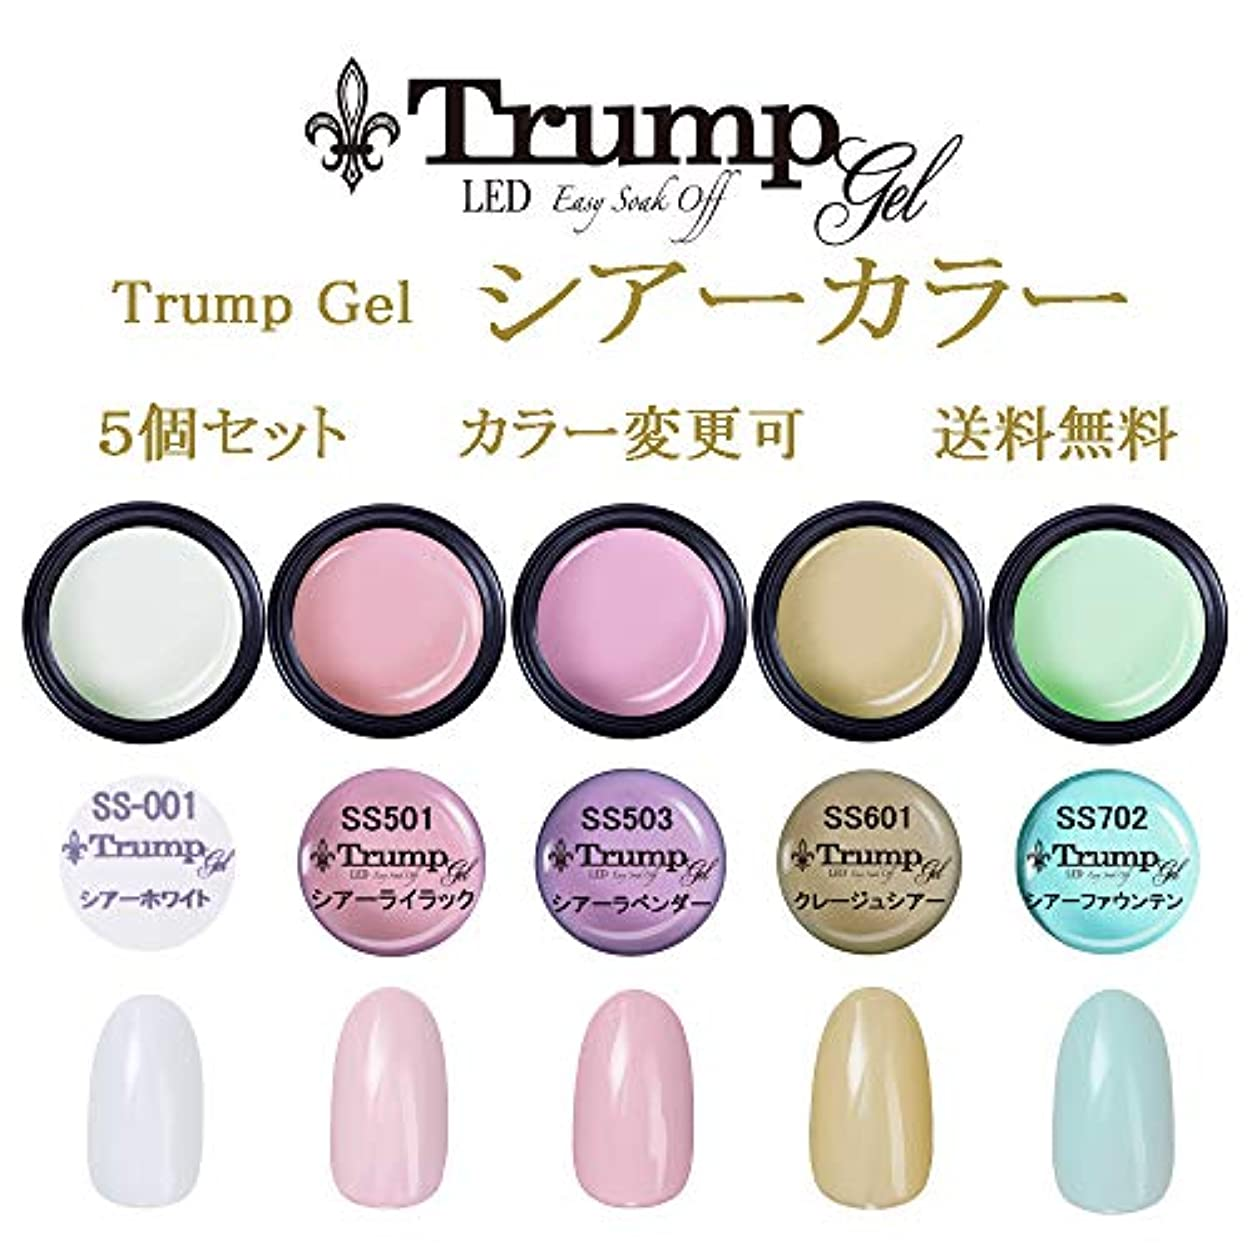 野生農民グロー日本製 Trump gel トランプジェル シアー カラージェル 選べる 5個セット ホワイト ピンク パープル イエロー ブルー